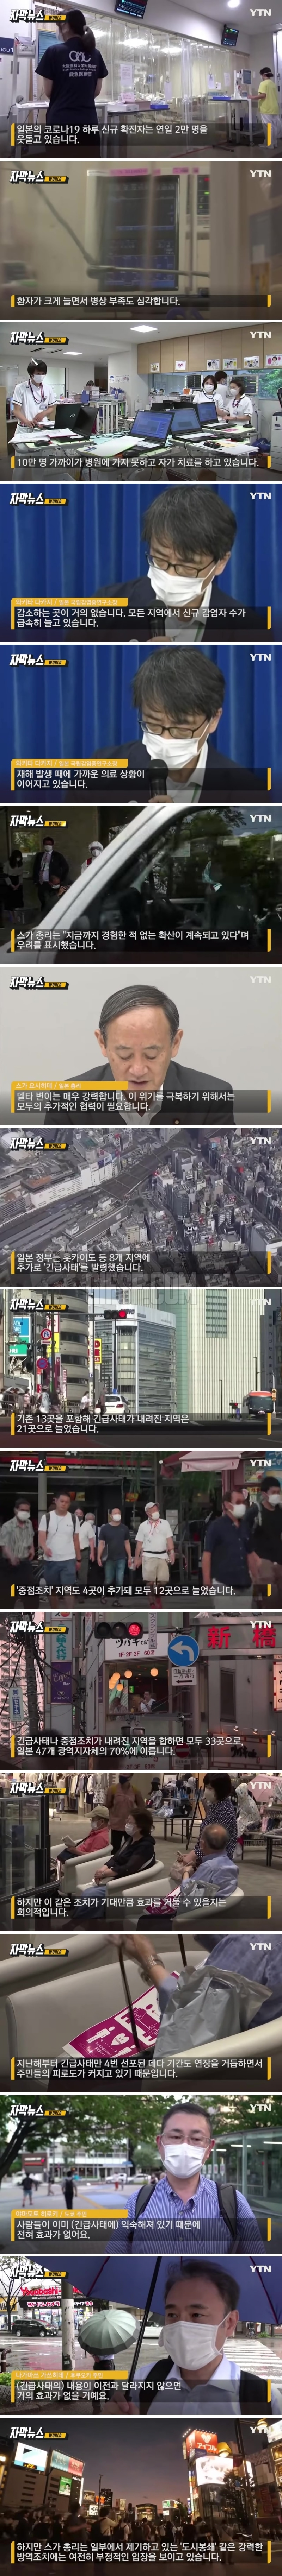 지금까지 경험한 적 없는. 일본에서 벌어지고 있는 일.jpg